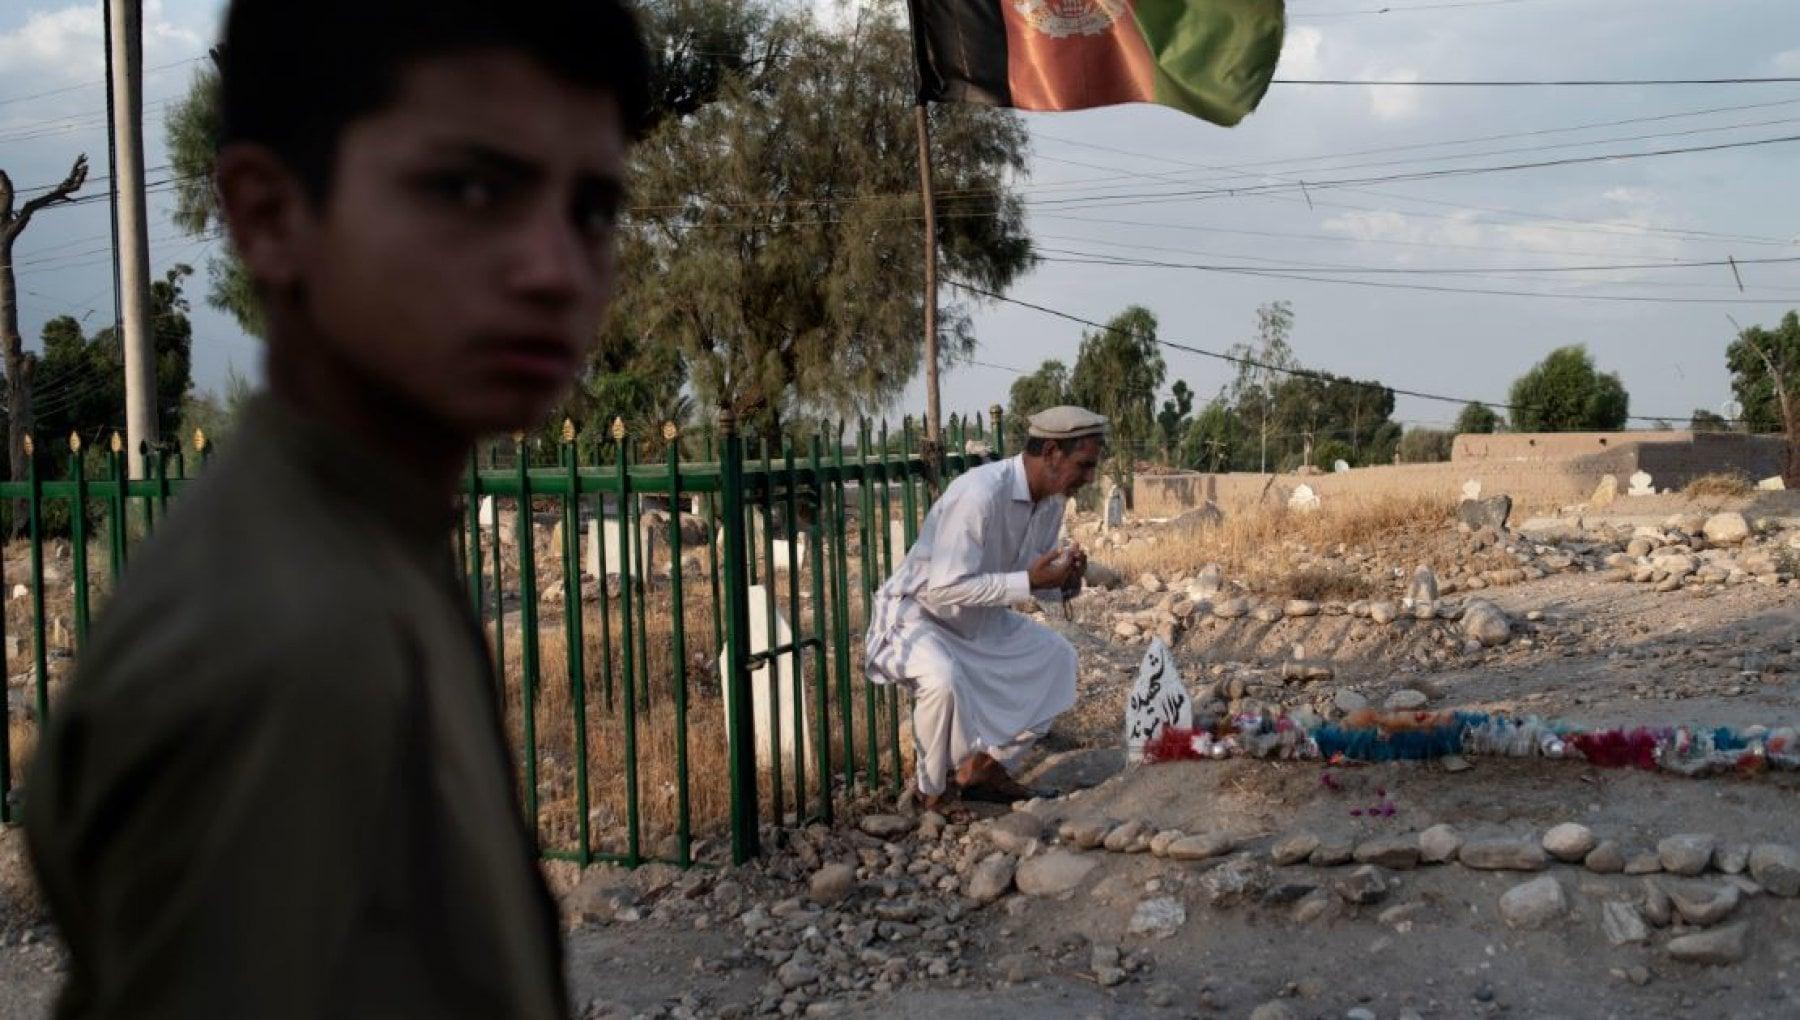 162637141 901187aa 6043 4f38 a151 29c94e1bc26c - Le donne tornano a condurre programmi tv, ma la stampa afghana teme ancora le ritorsioni dei talebani